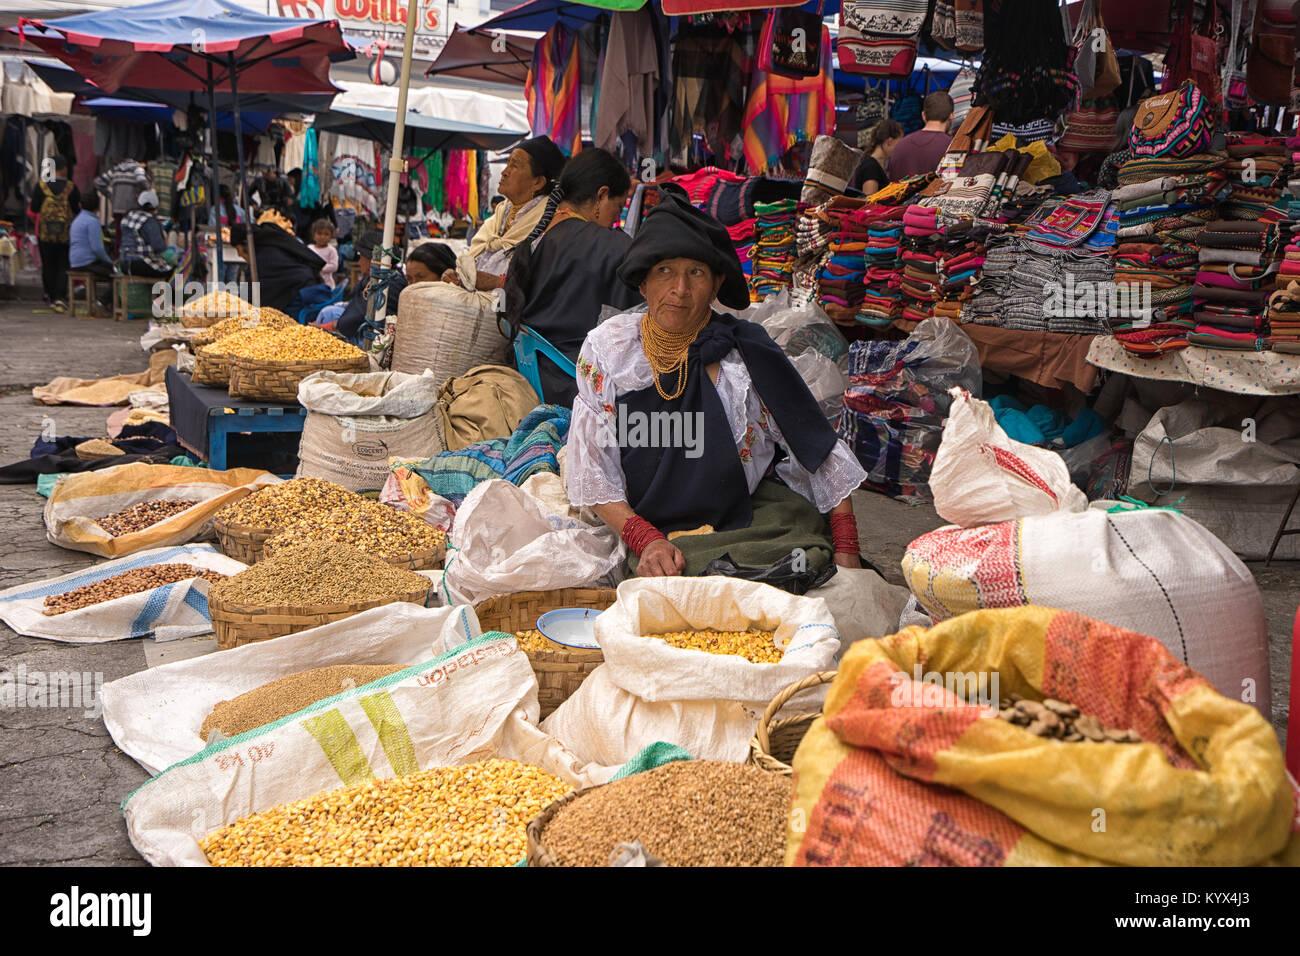 Otavalo, Ecuador - 13 de enero de 2018: quechua Mujer vendiendo productos de la tierra en el mercado del agricultor Imagen De Stock